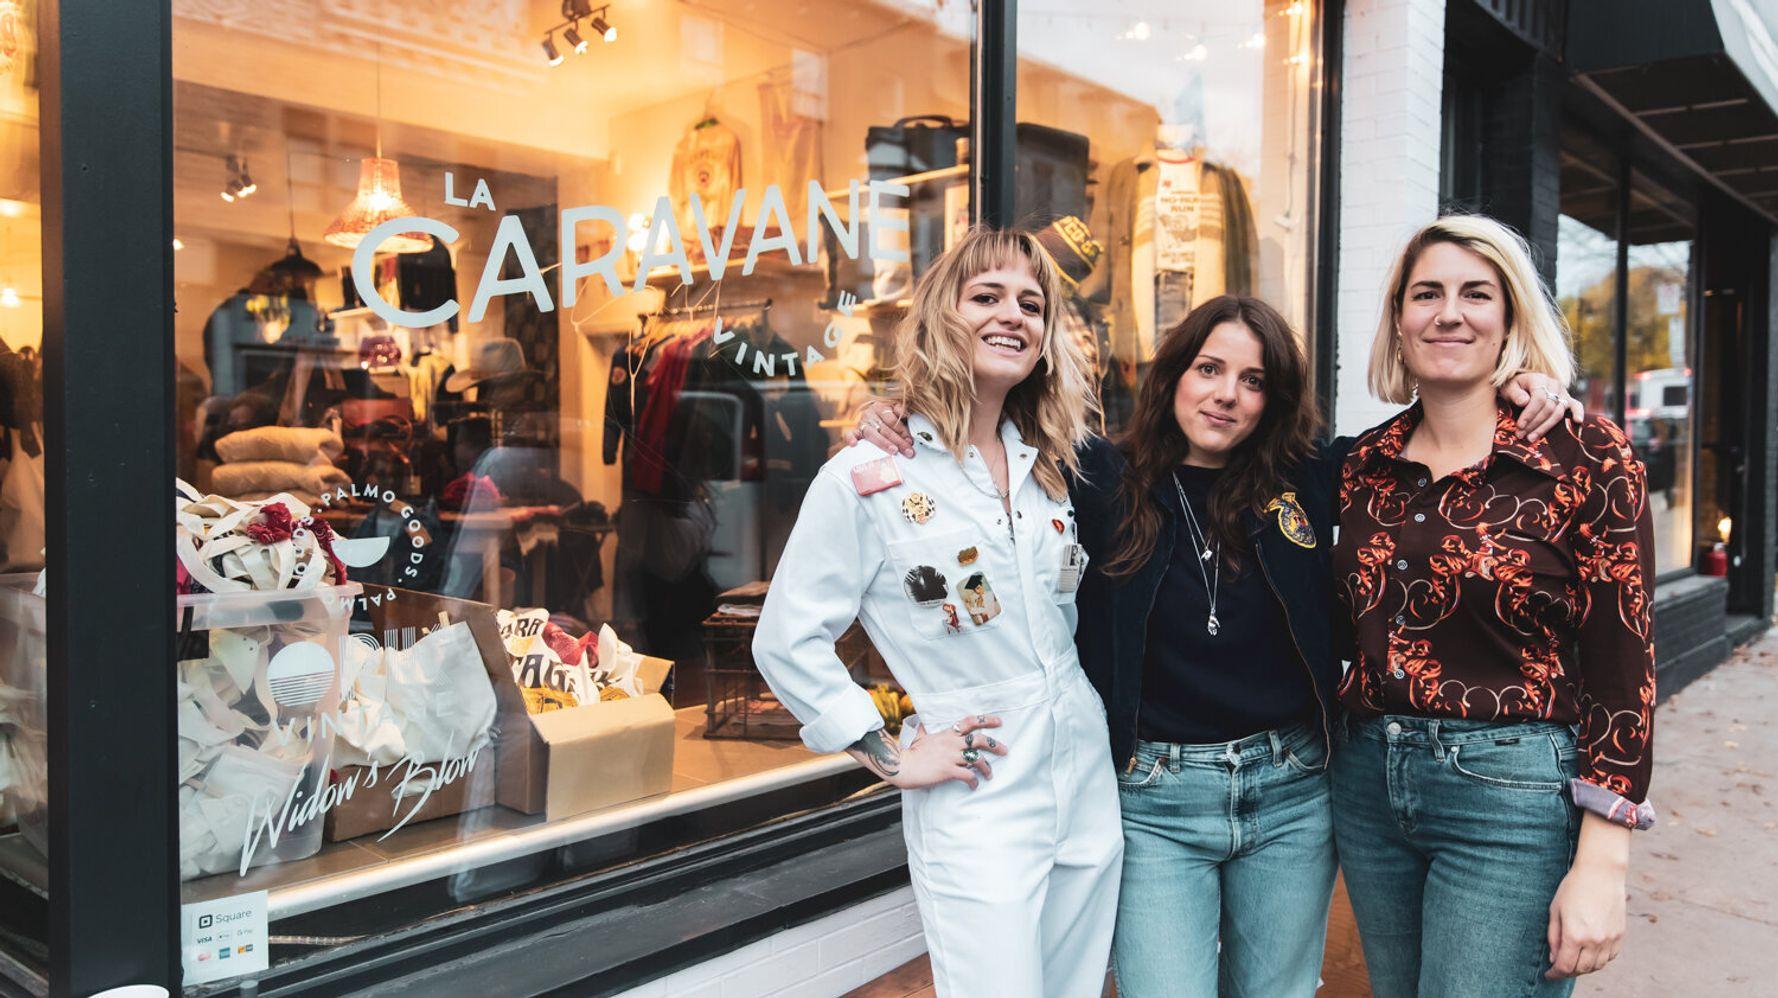 Caravane: la nouvelle boutique vintage et cool de la Main